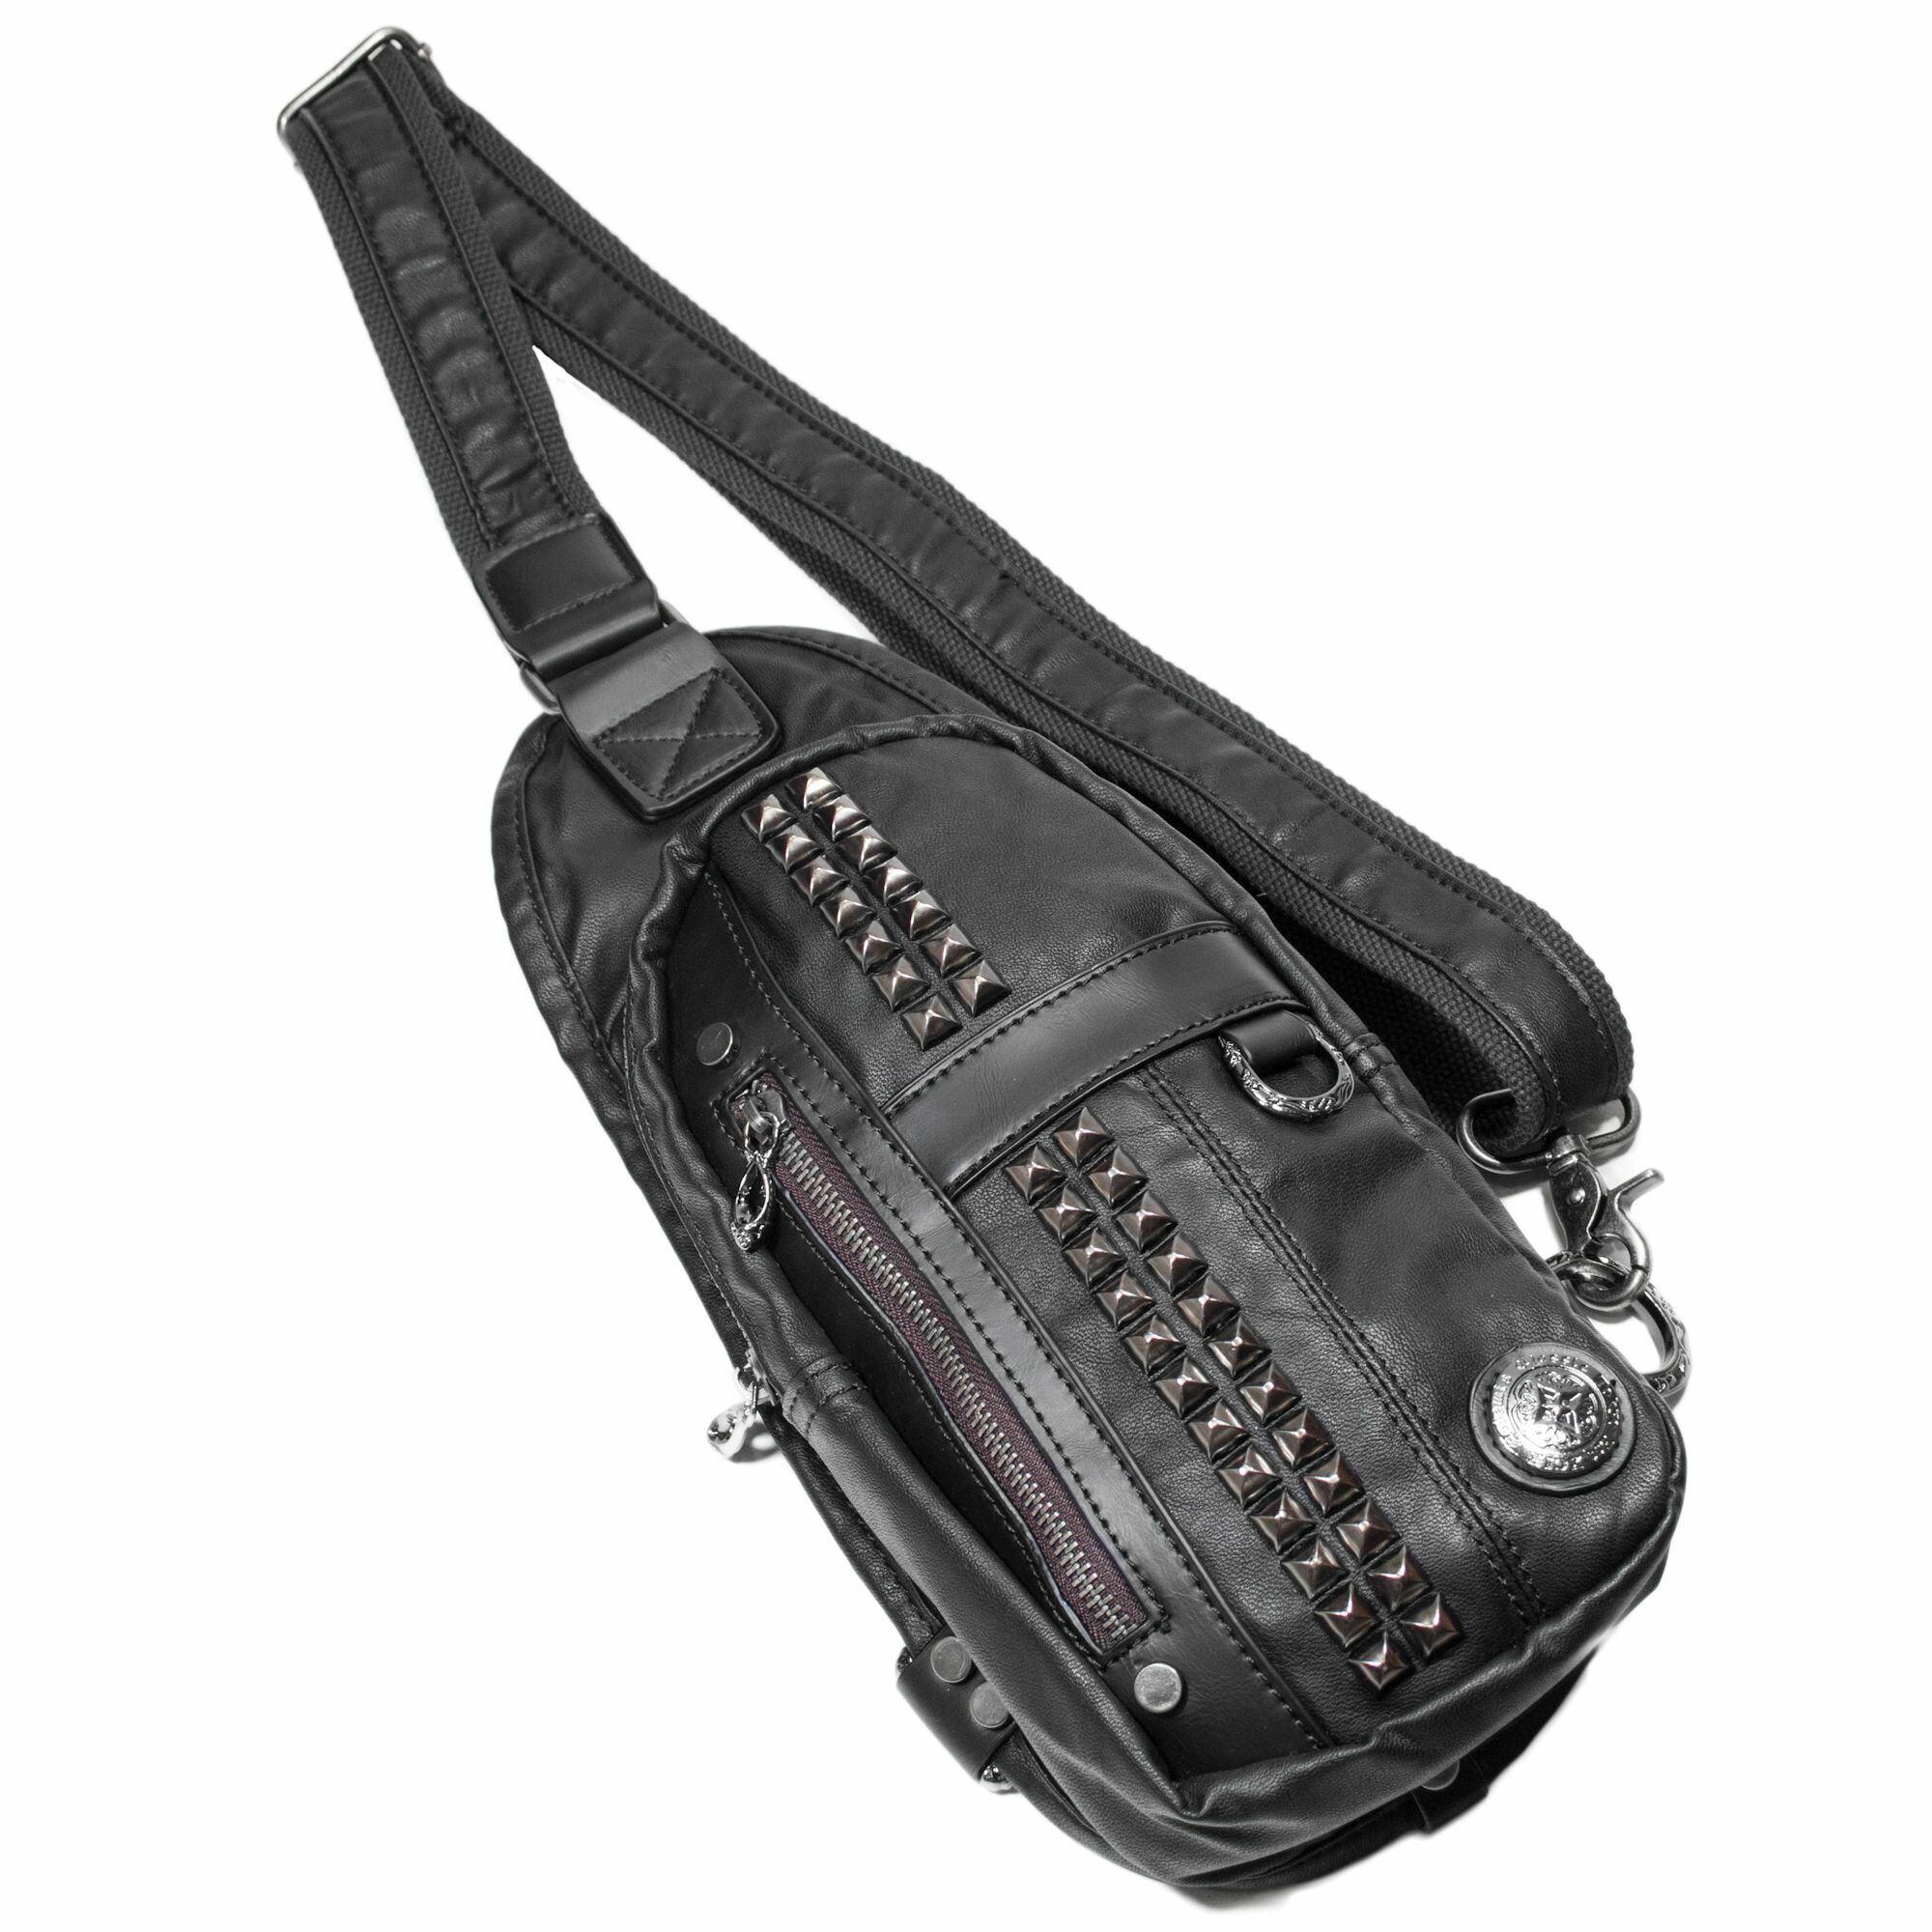 スタッズボディバッグ ACBG0021 Studs body bag